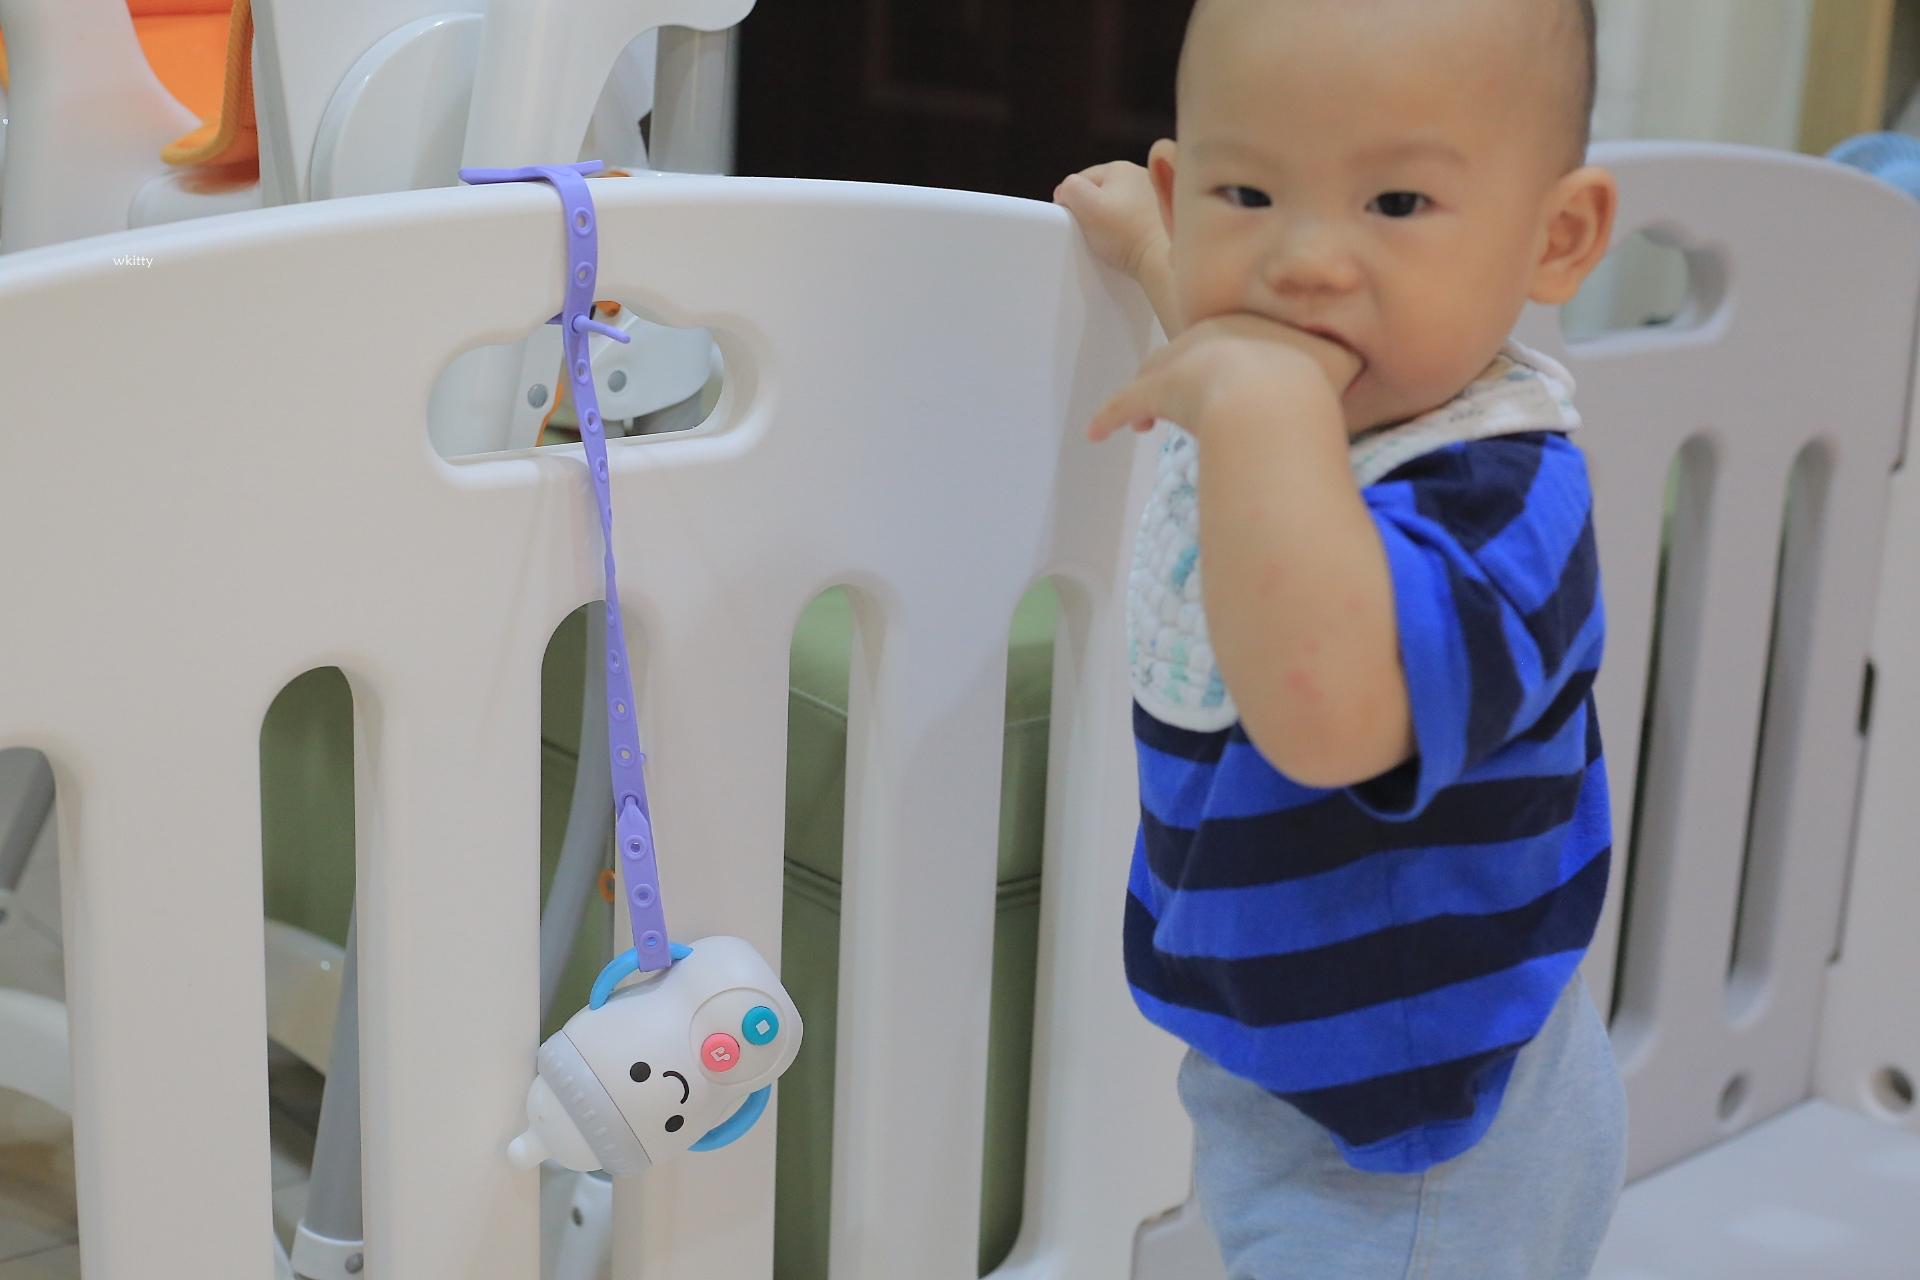 【開團】英國tidy寶寶防髒托盤,寶寶學習吃飯必備的防漏神器+萬用防掉帶 @小環妞 幸福足跡